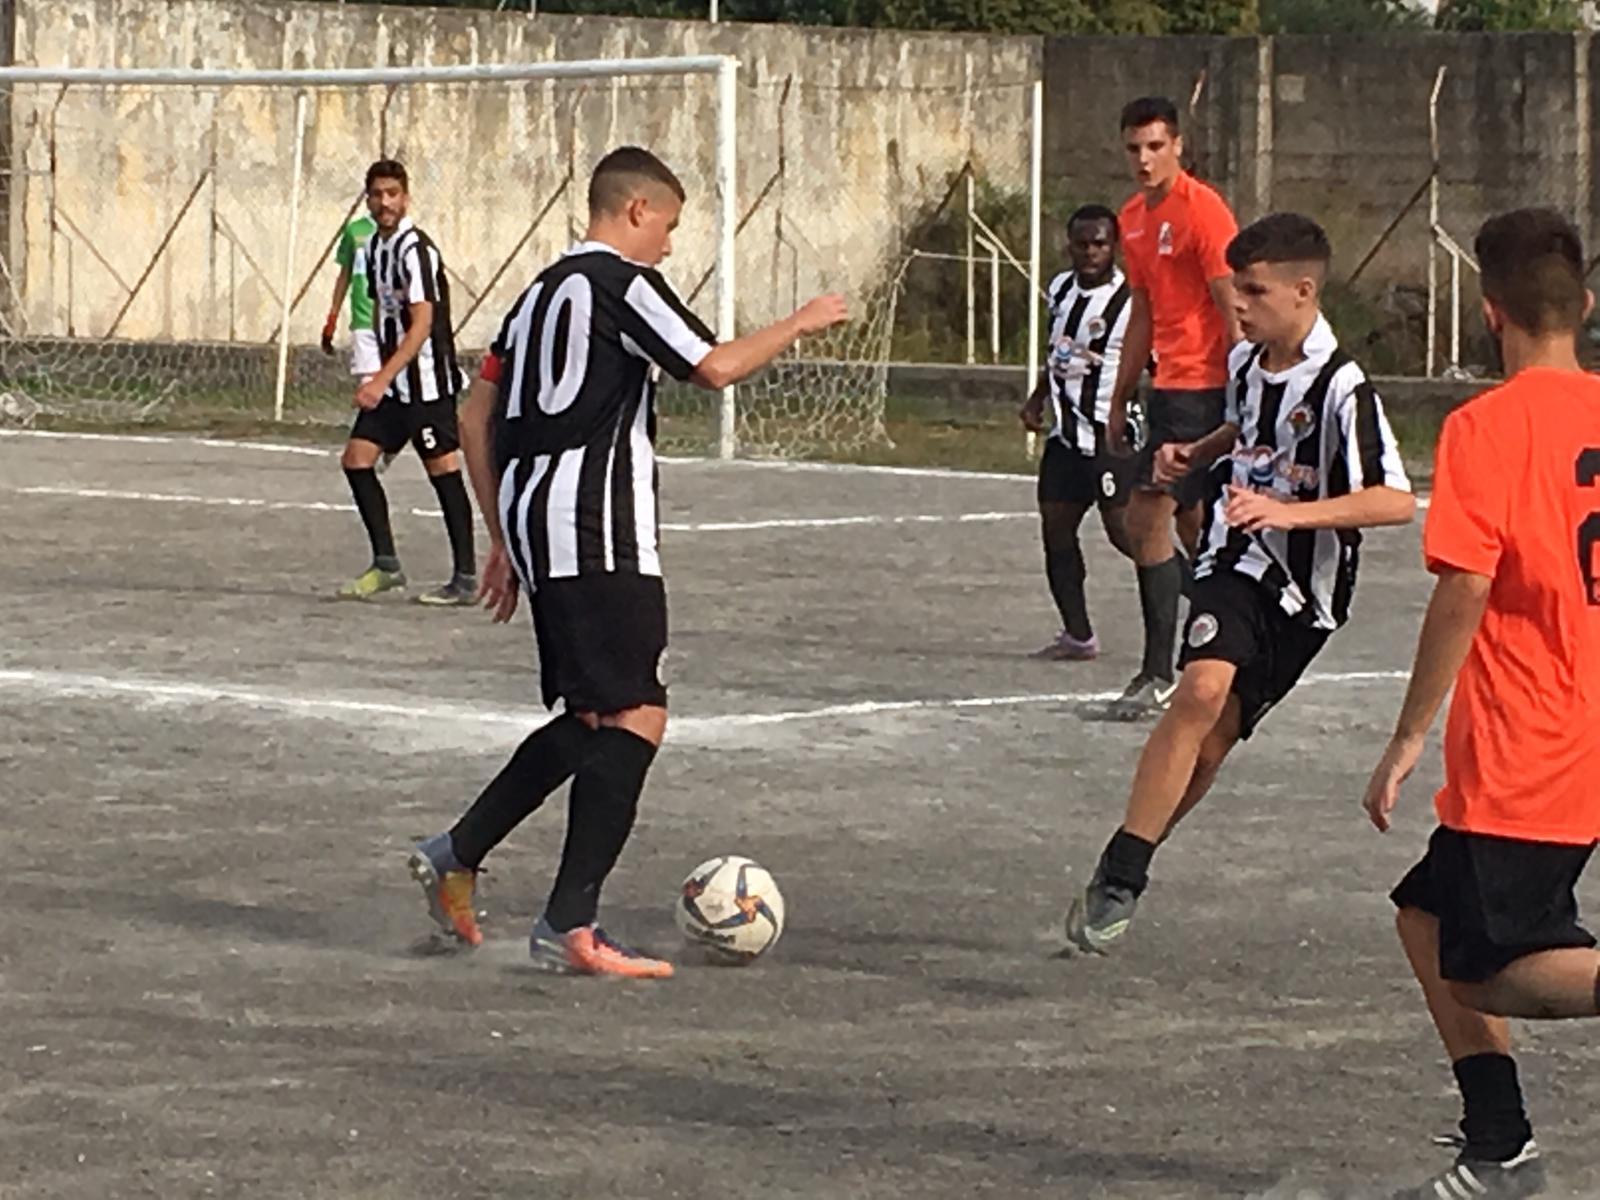 La Battipagliese Juniores sconfitta dal Pontecagnano